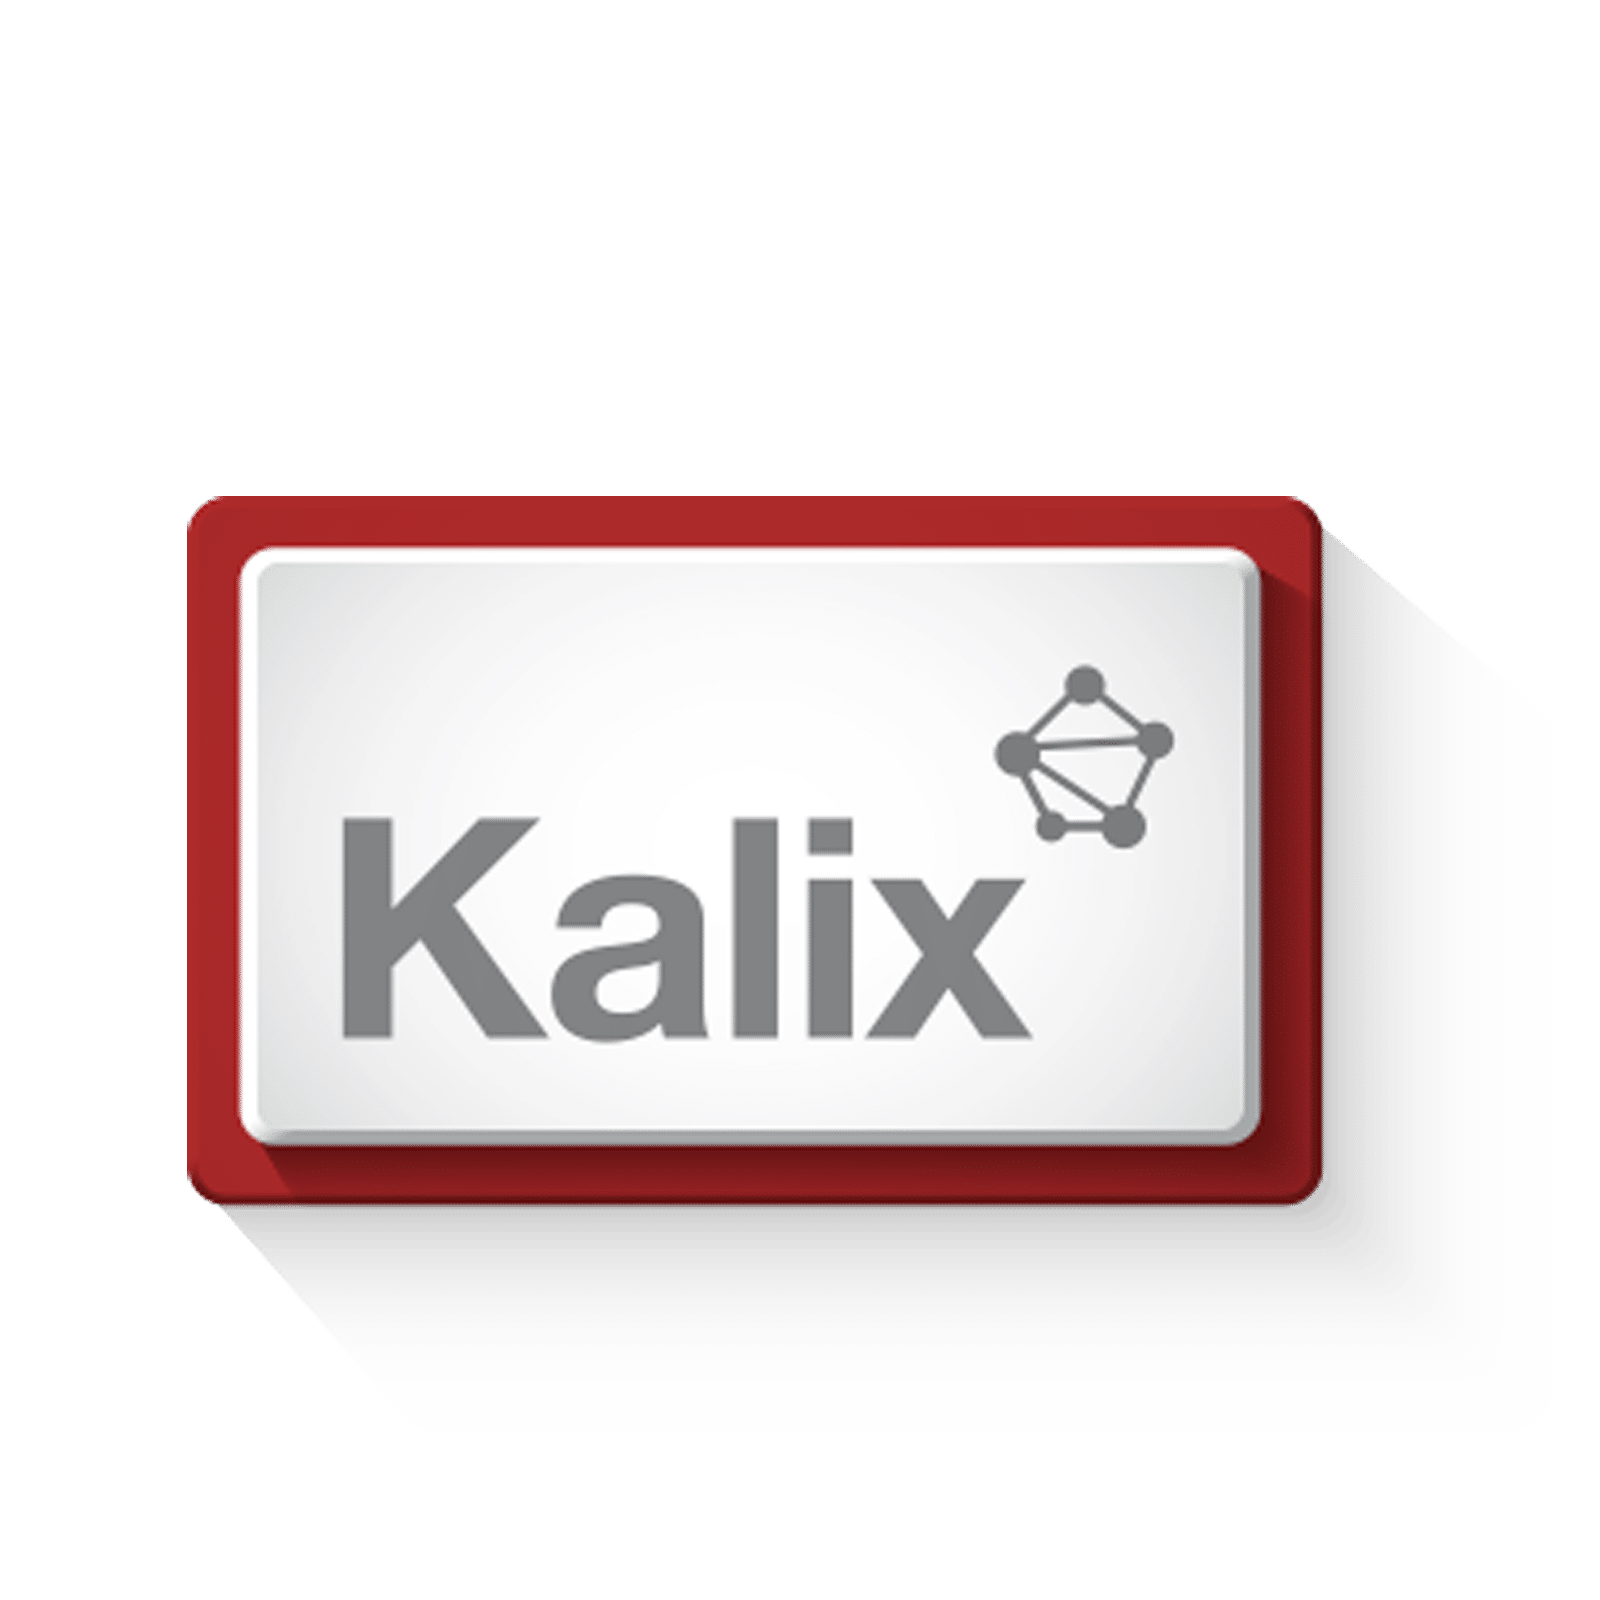 fiber i kalix